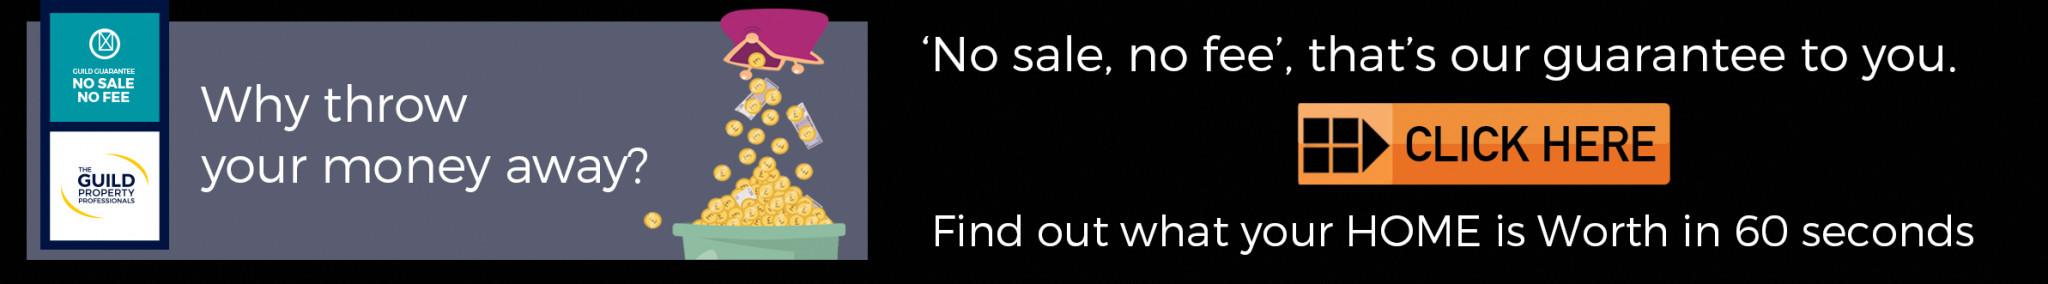 no_sale_no_fee_header